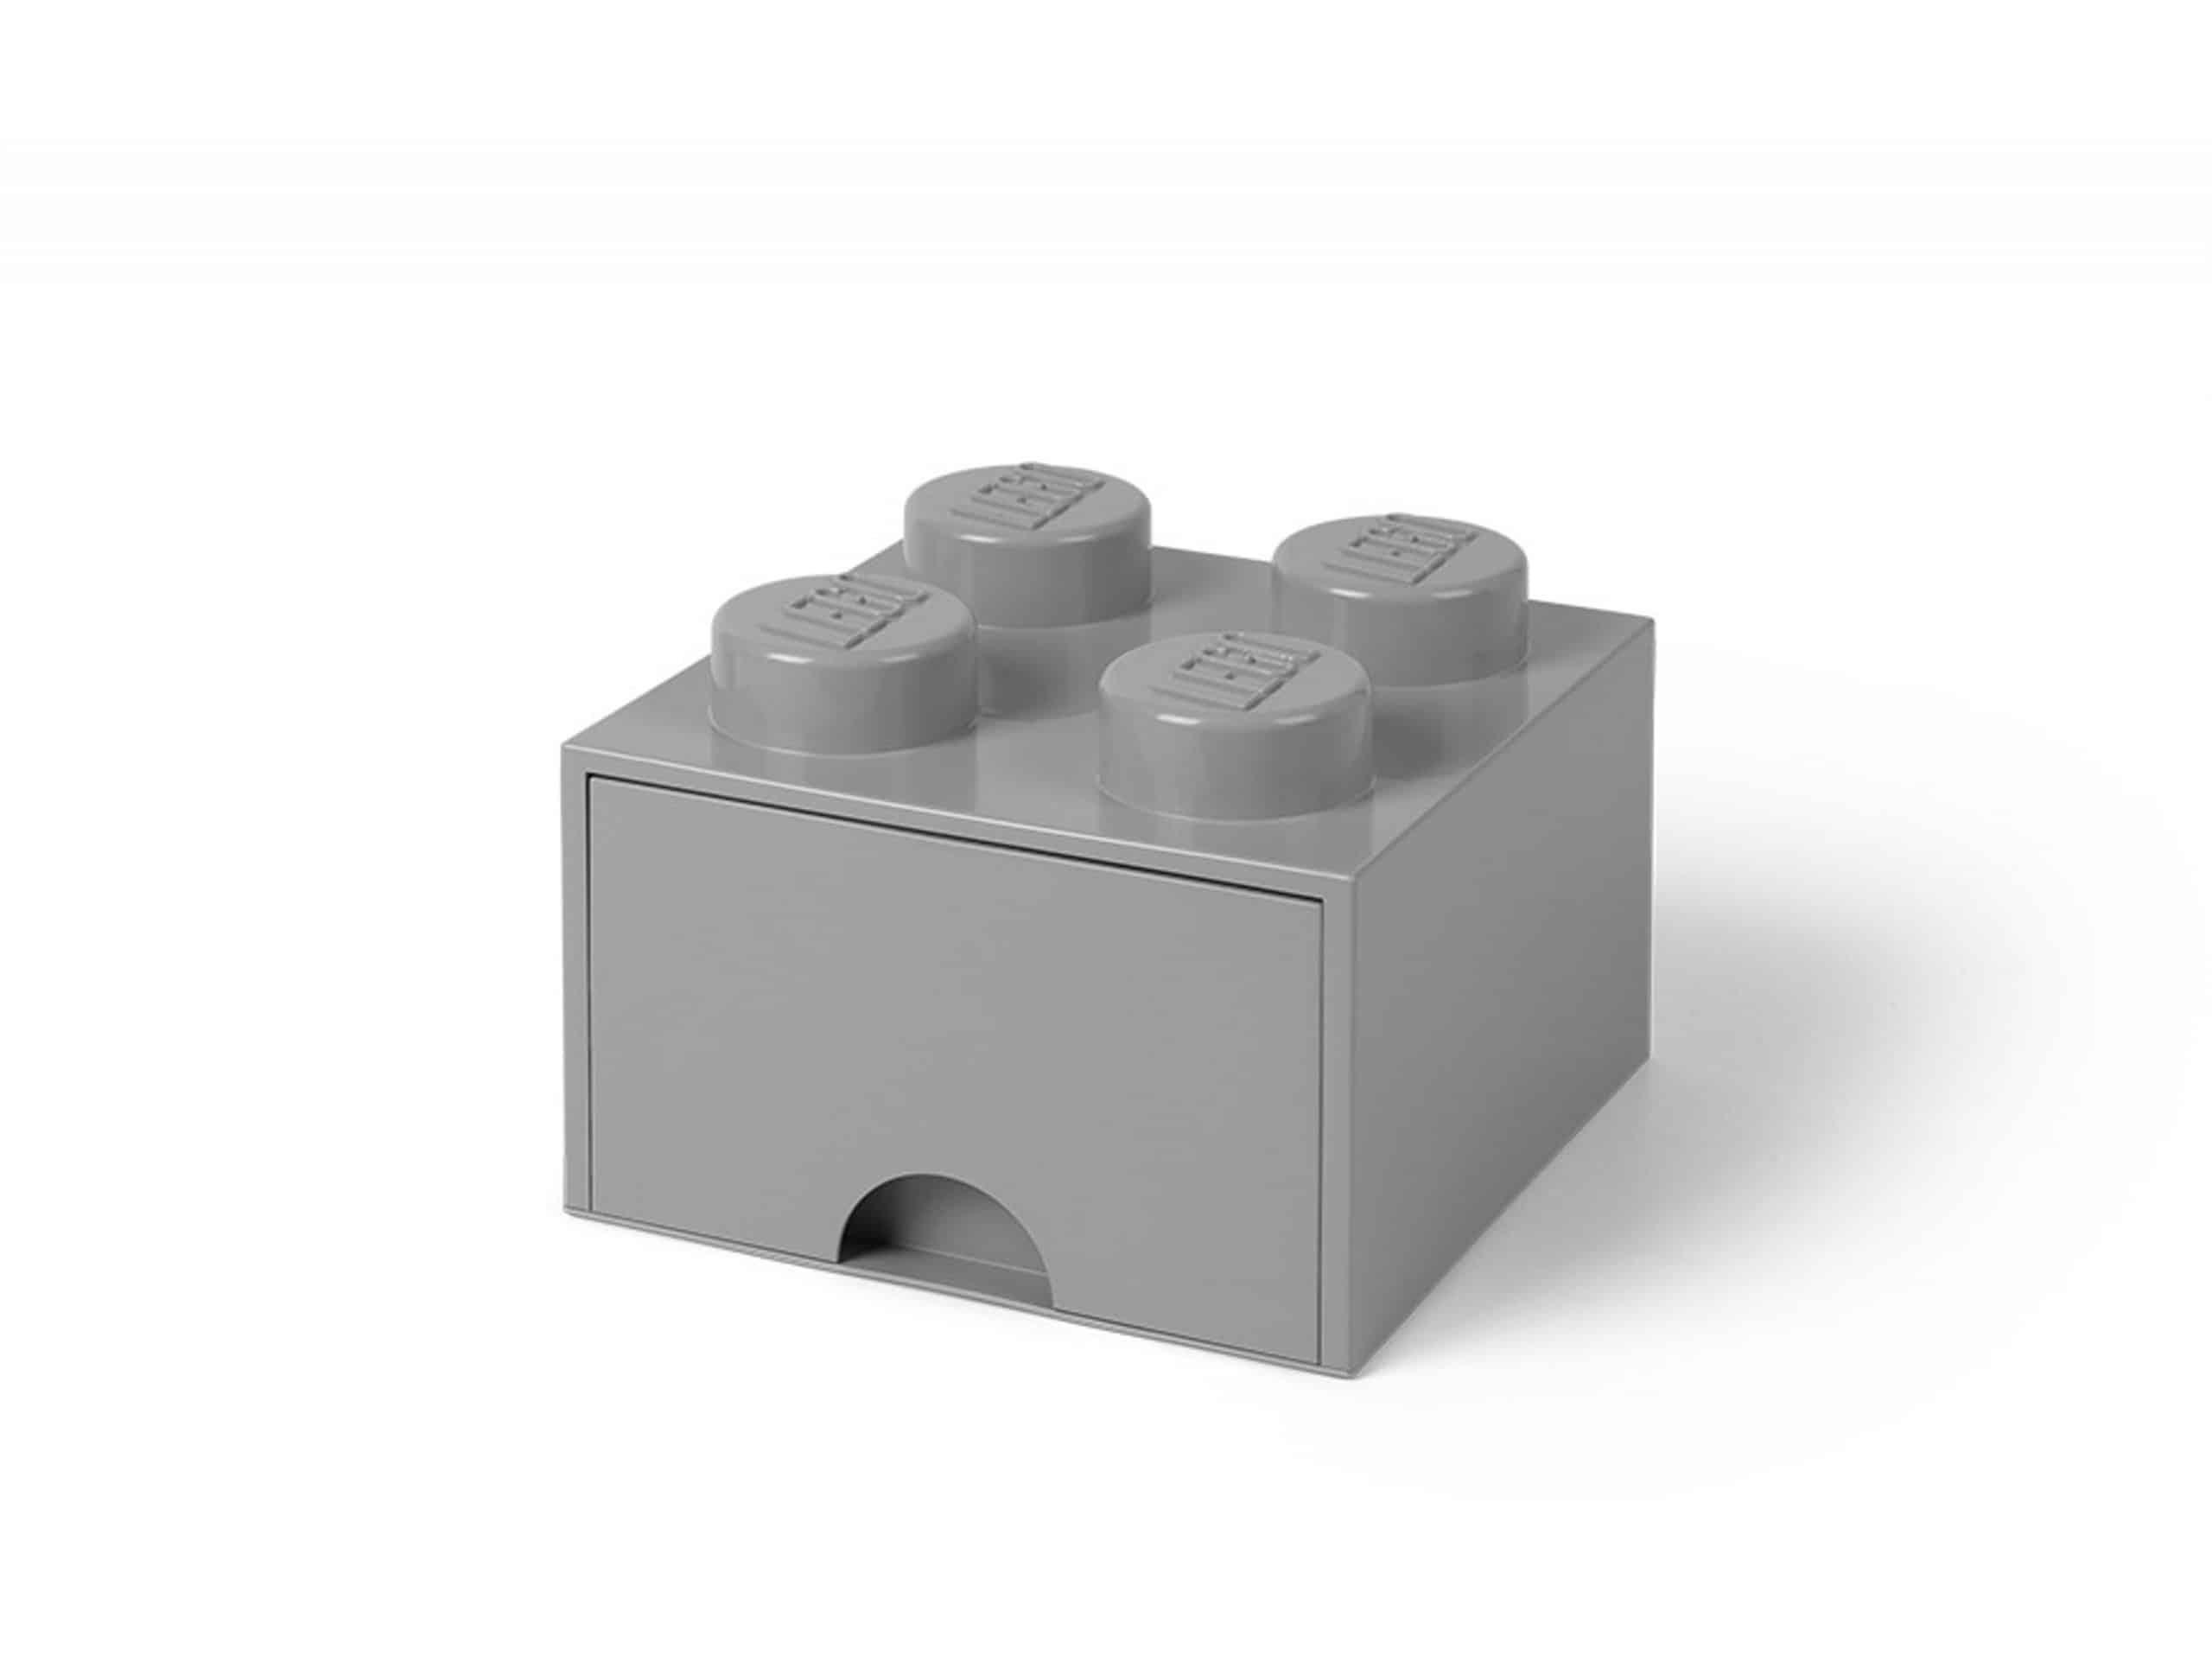 lego 5005713 4 knops mellemstengra opbevaringsklods med skuffe scaled